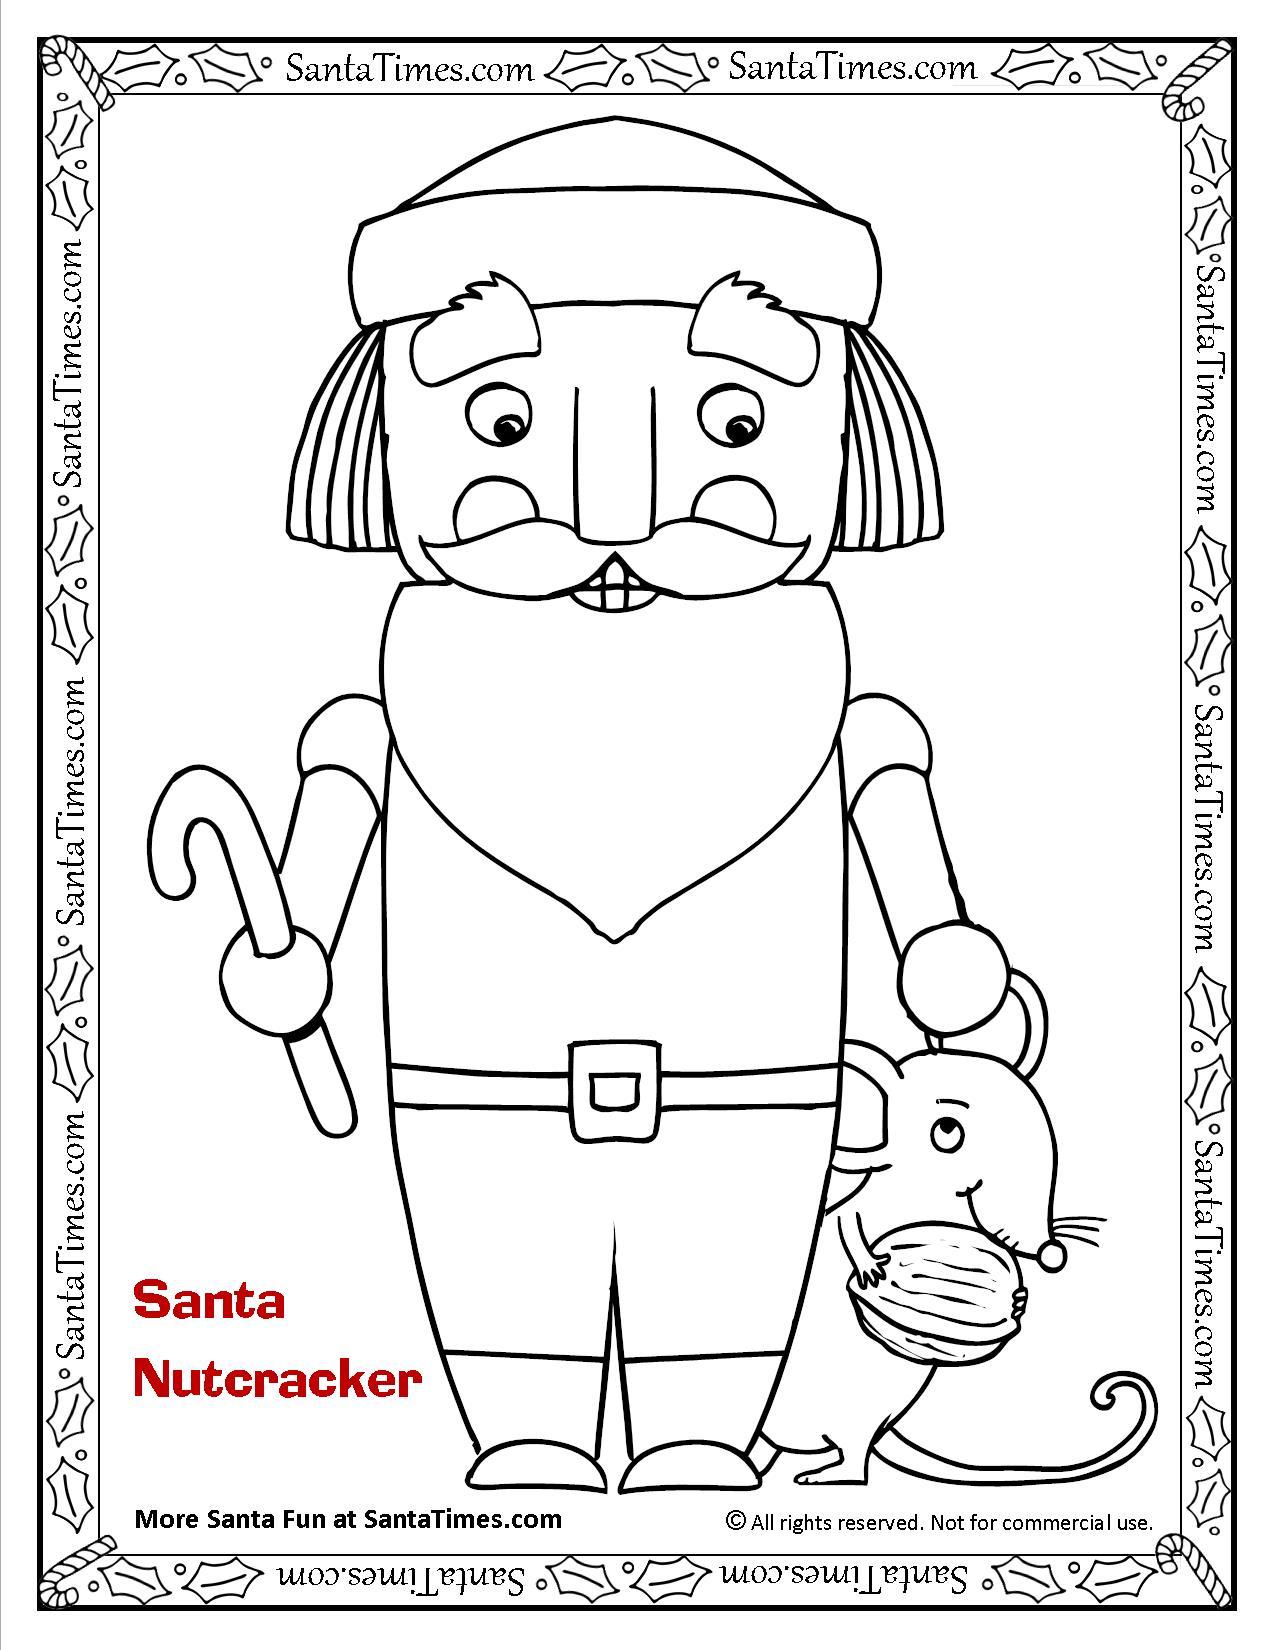 Nutcracker Santa Printable Coloring Page